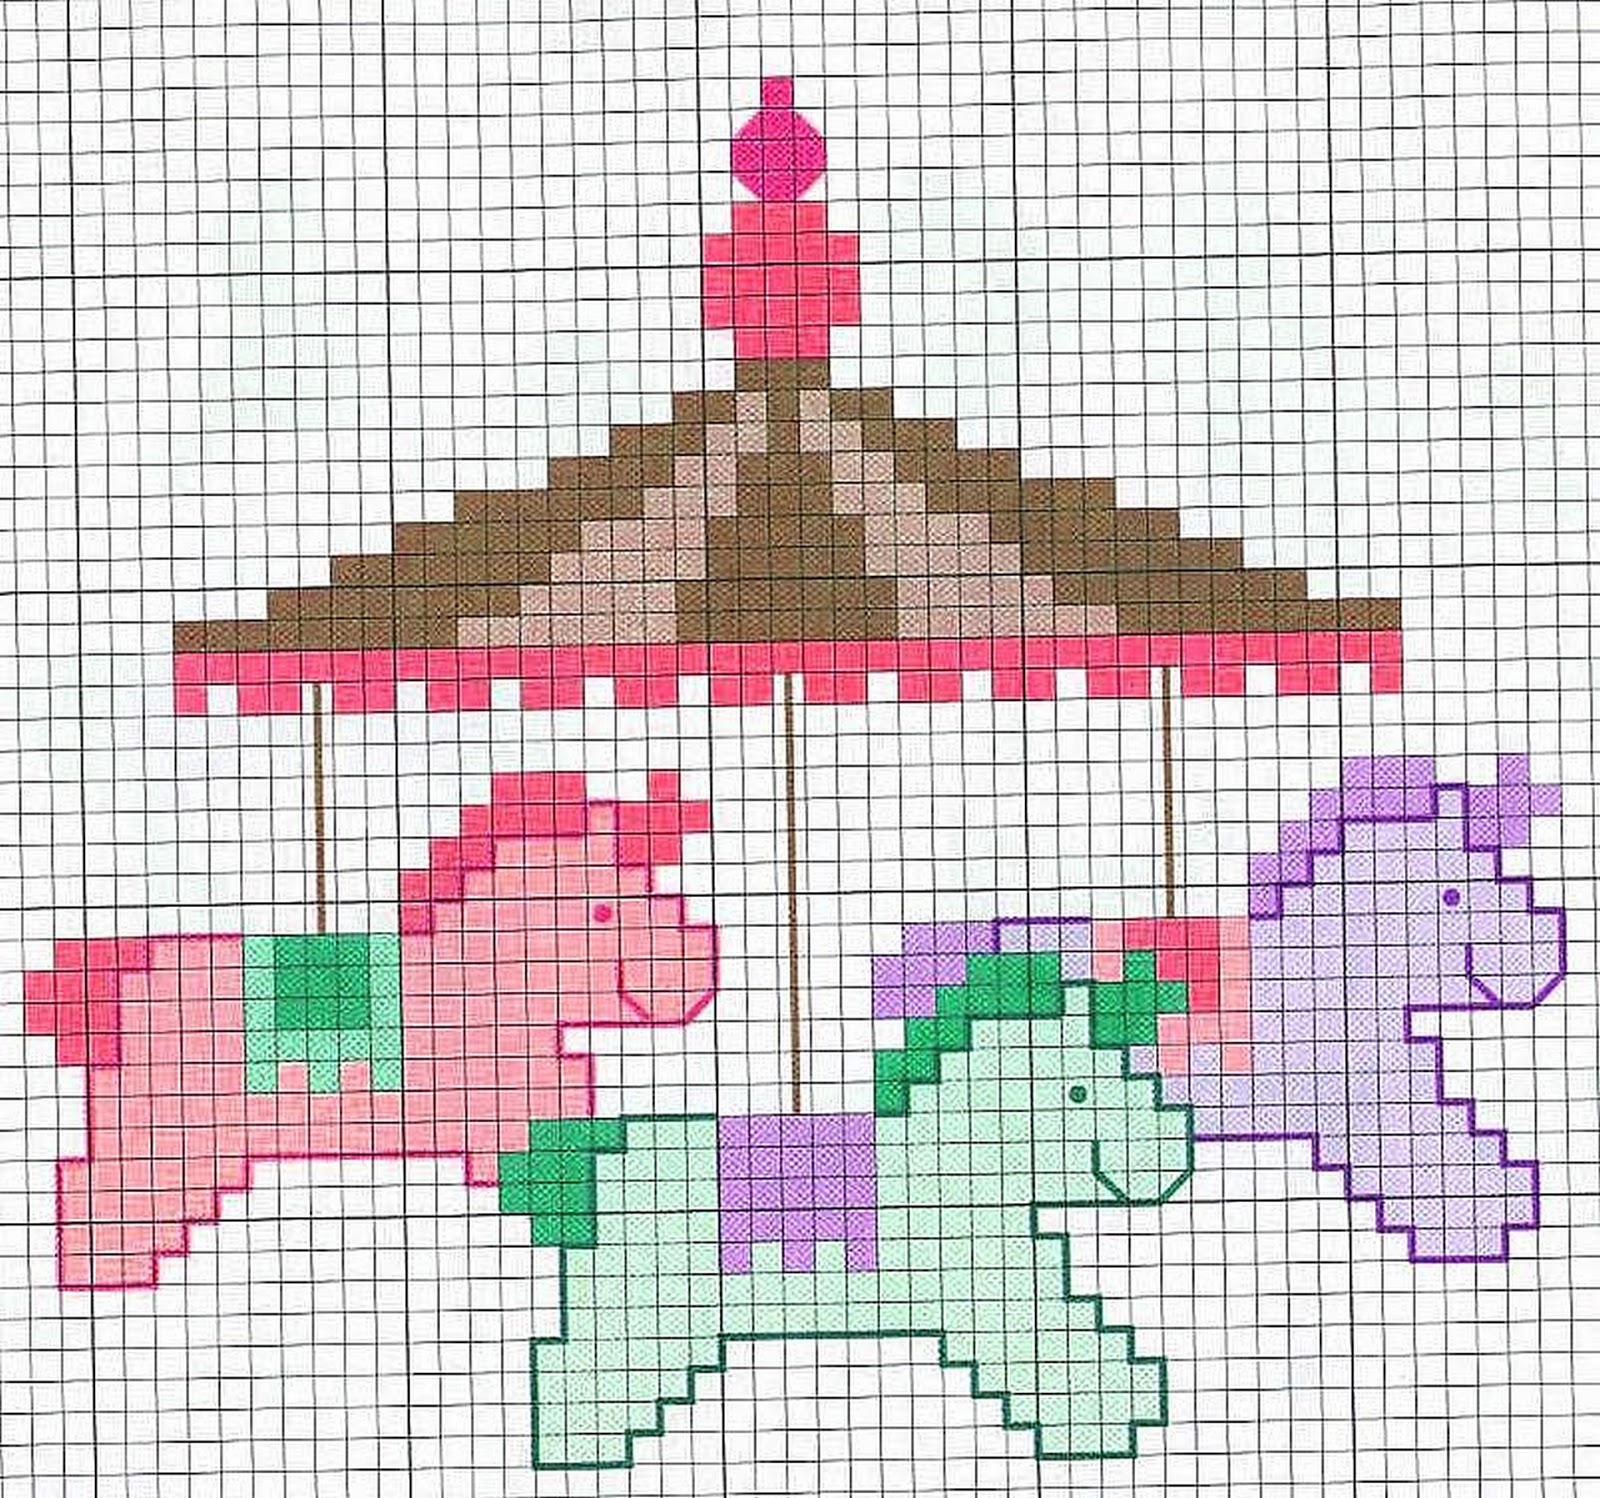 Schemi Elettrici Per Bambini : Images about point de croix on pinterest